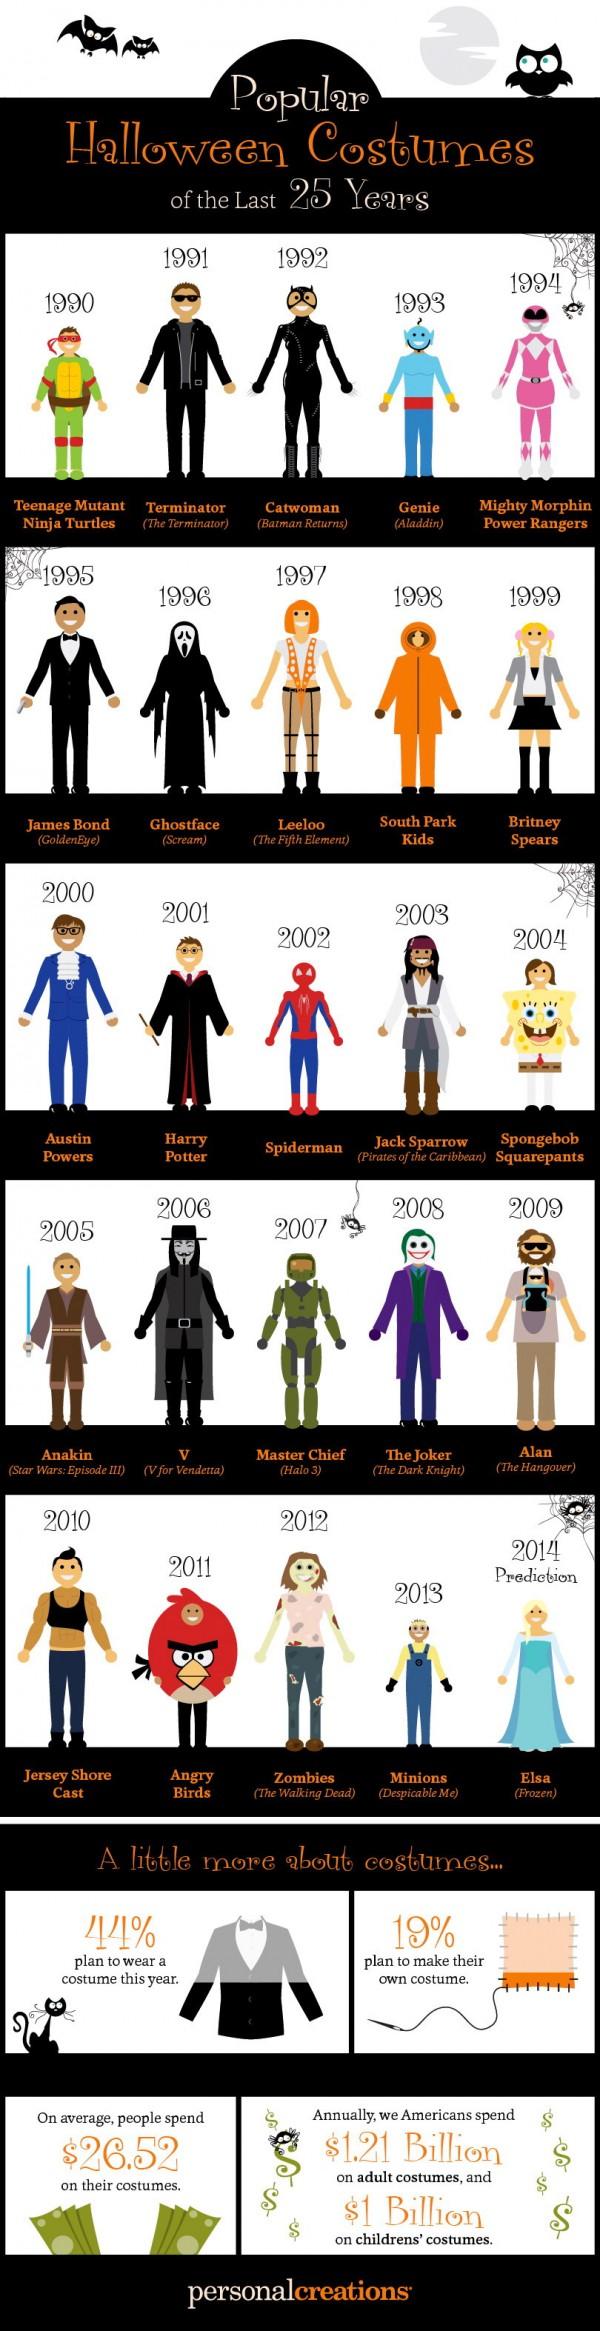 Los disfraces para halloween más populares